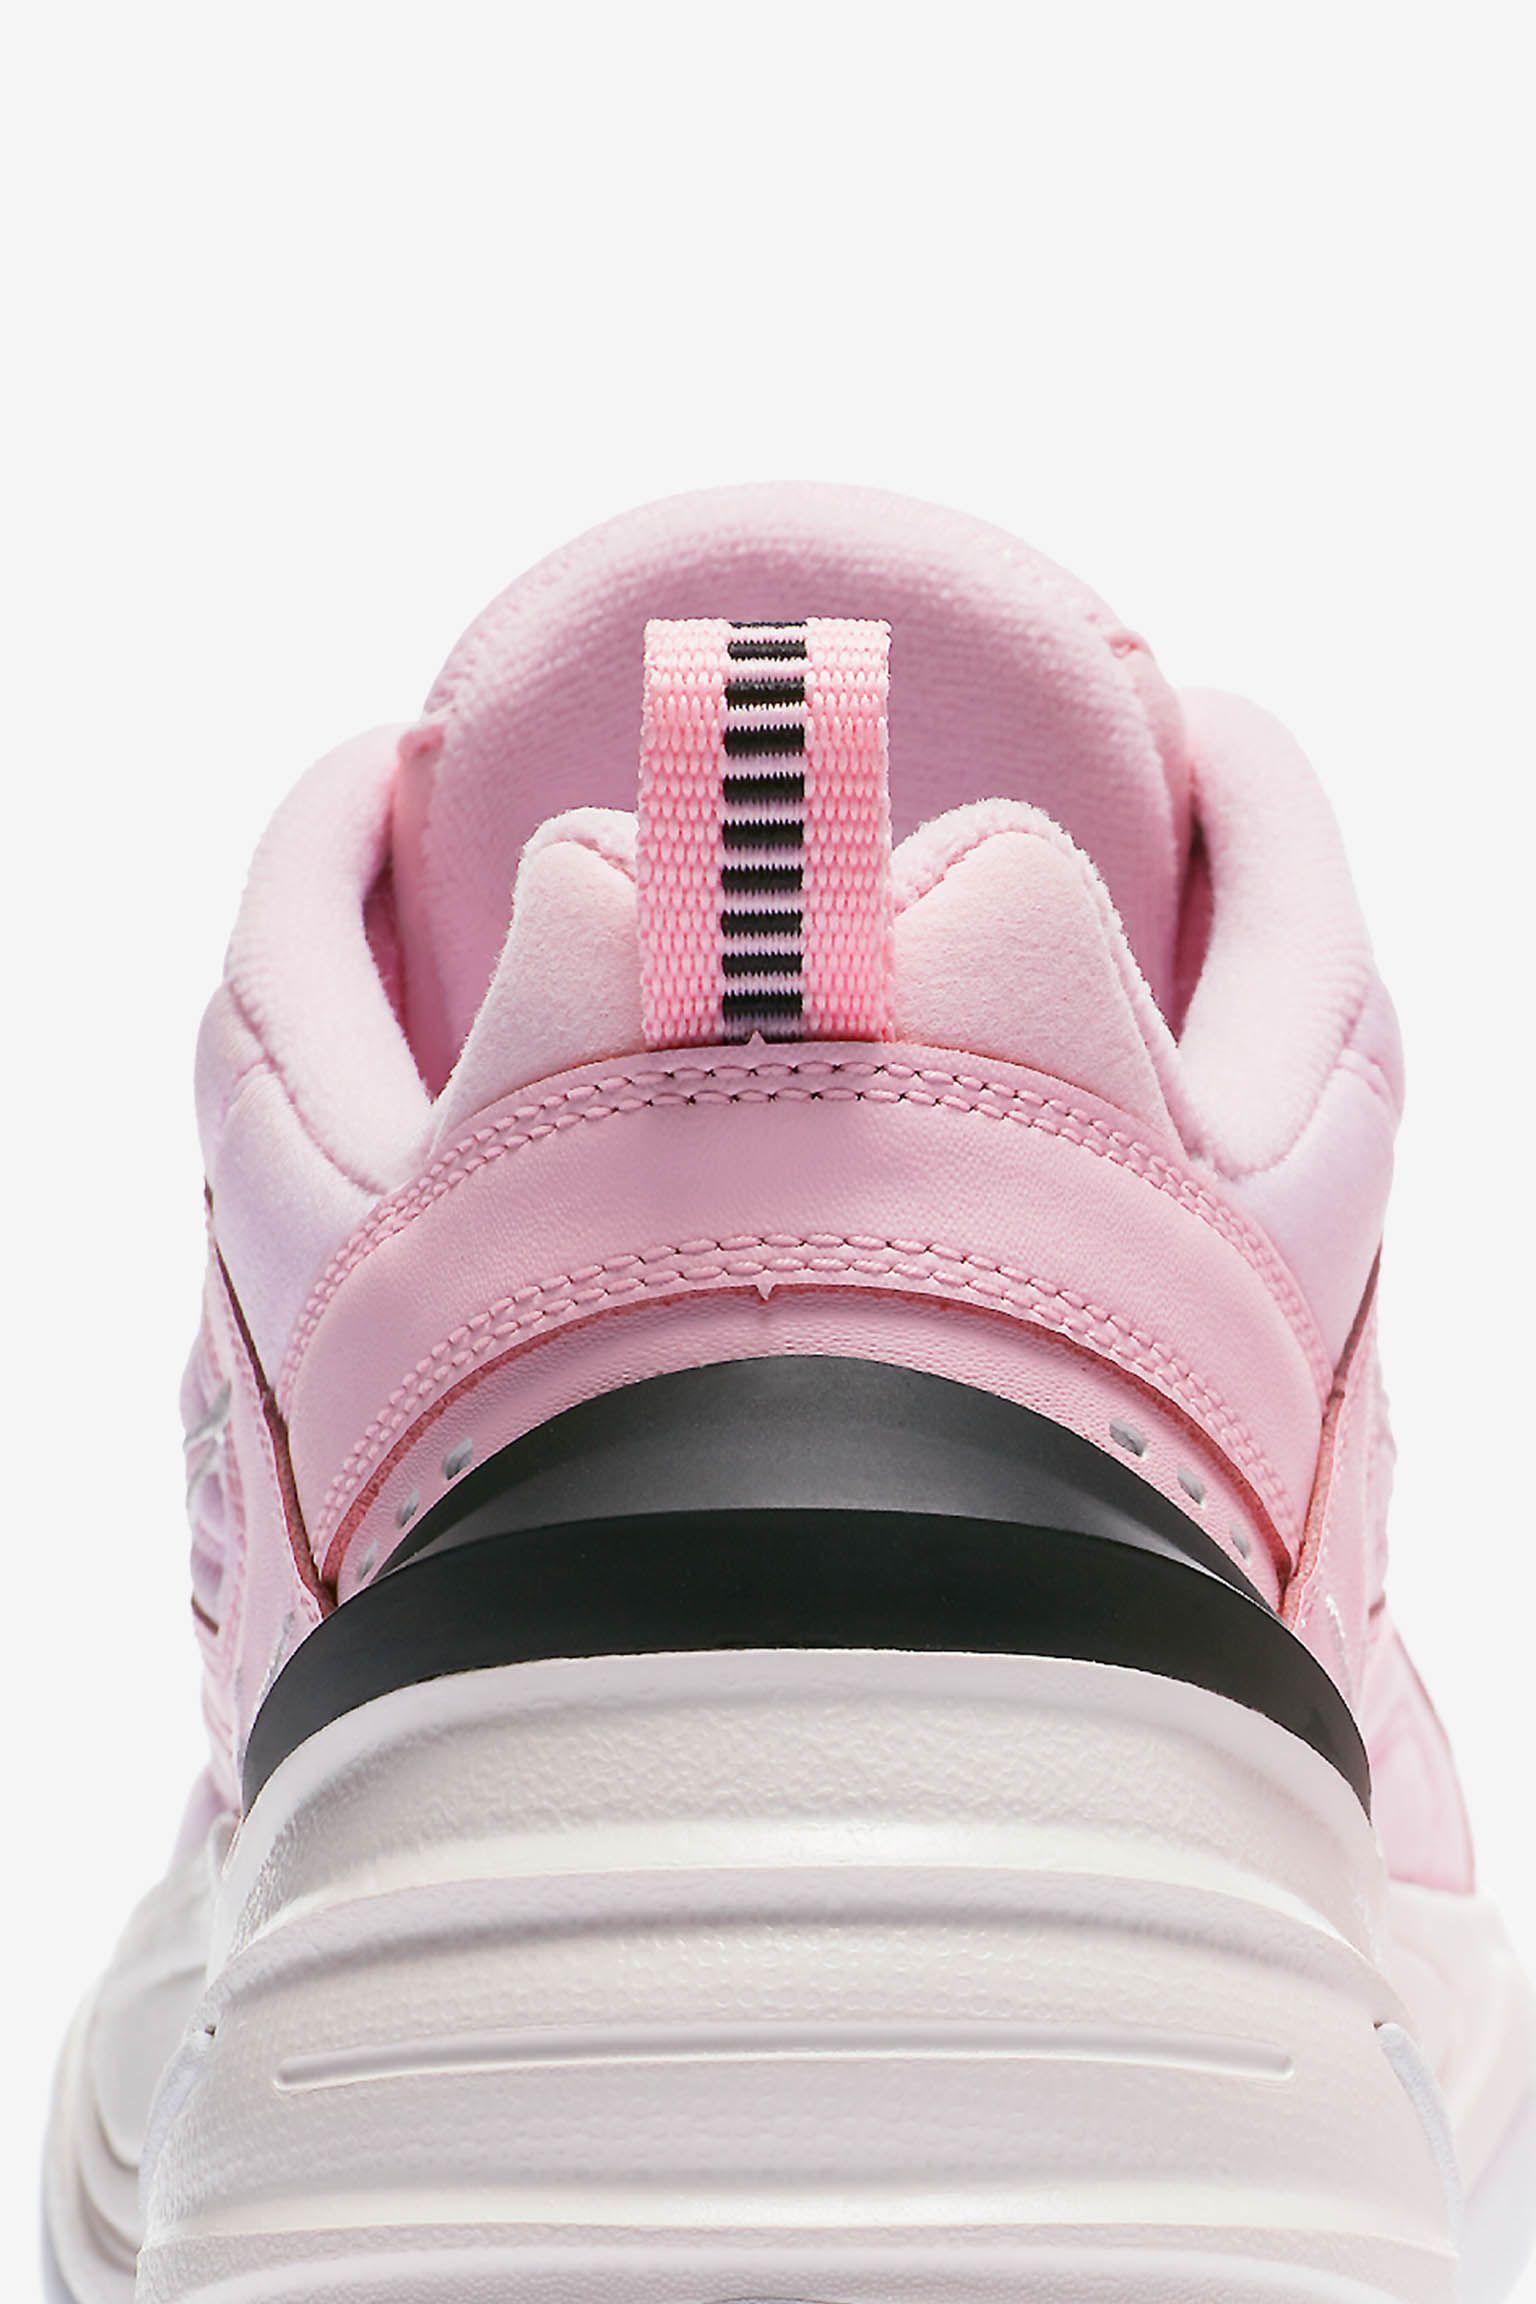 Nike Women's M2K Tekno 'Pink Foam & Phantom' Release Date